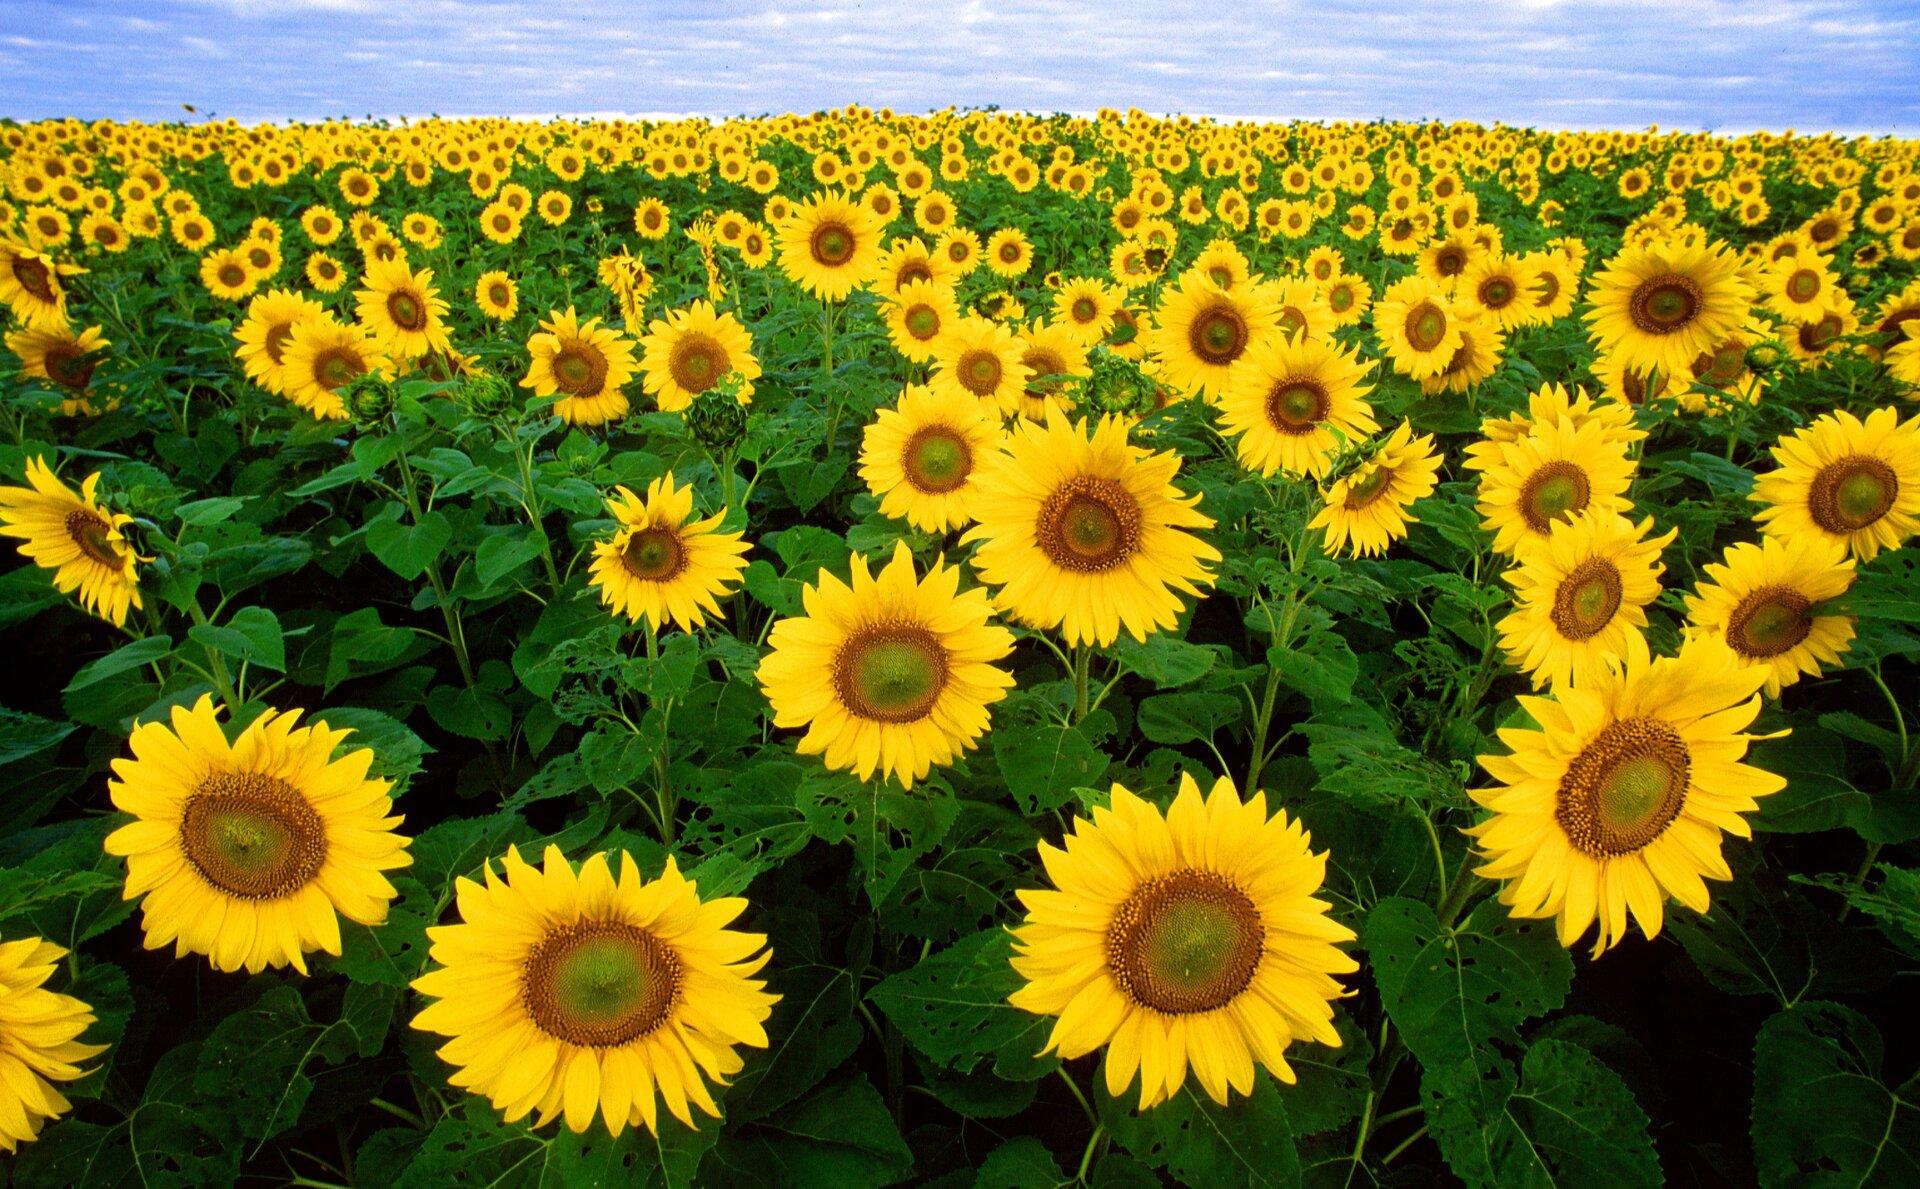 Fotografia przedstawia zbliska pole kwitnących słoneczników. Żółte tarcze są rozwinięte, ale jeszcze niedojrzałe, widać żółte płatki kwiatów tworzących tarczę. Między tarczami słoneczników widać ich liście iłodygi.